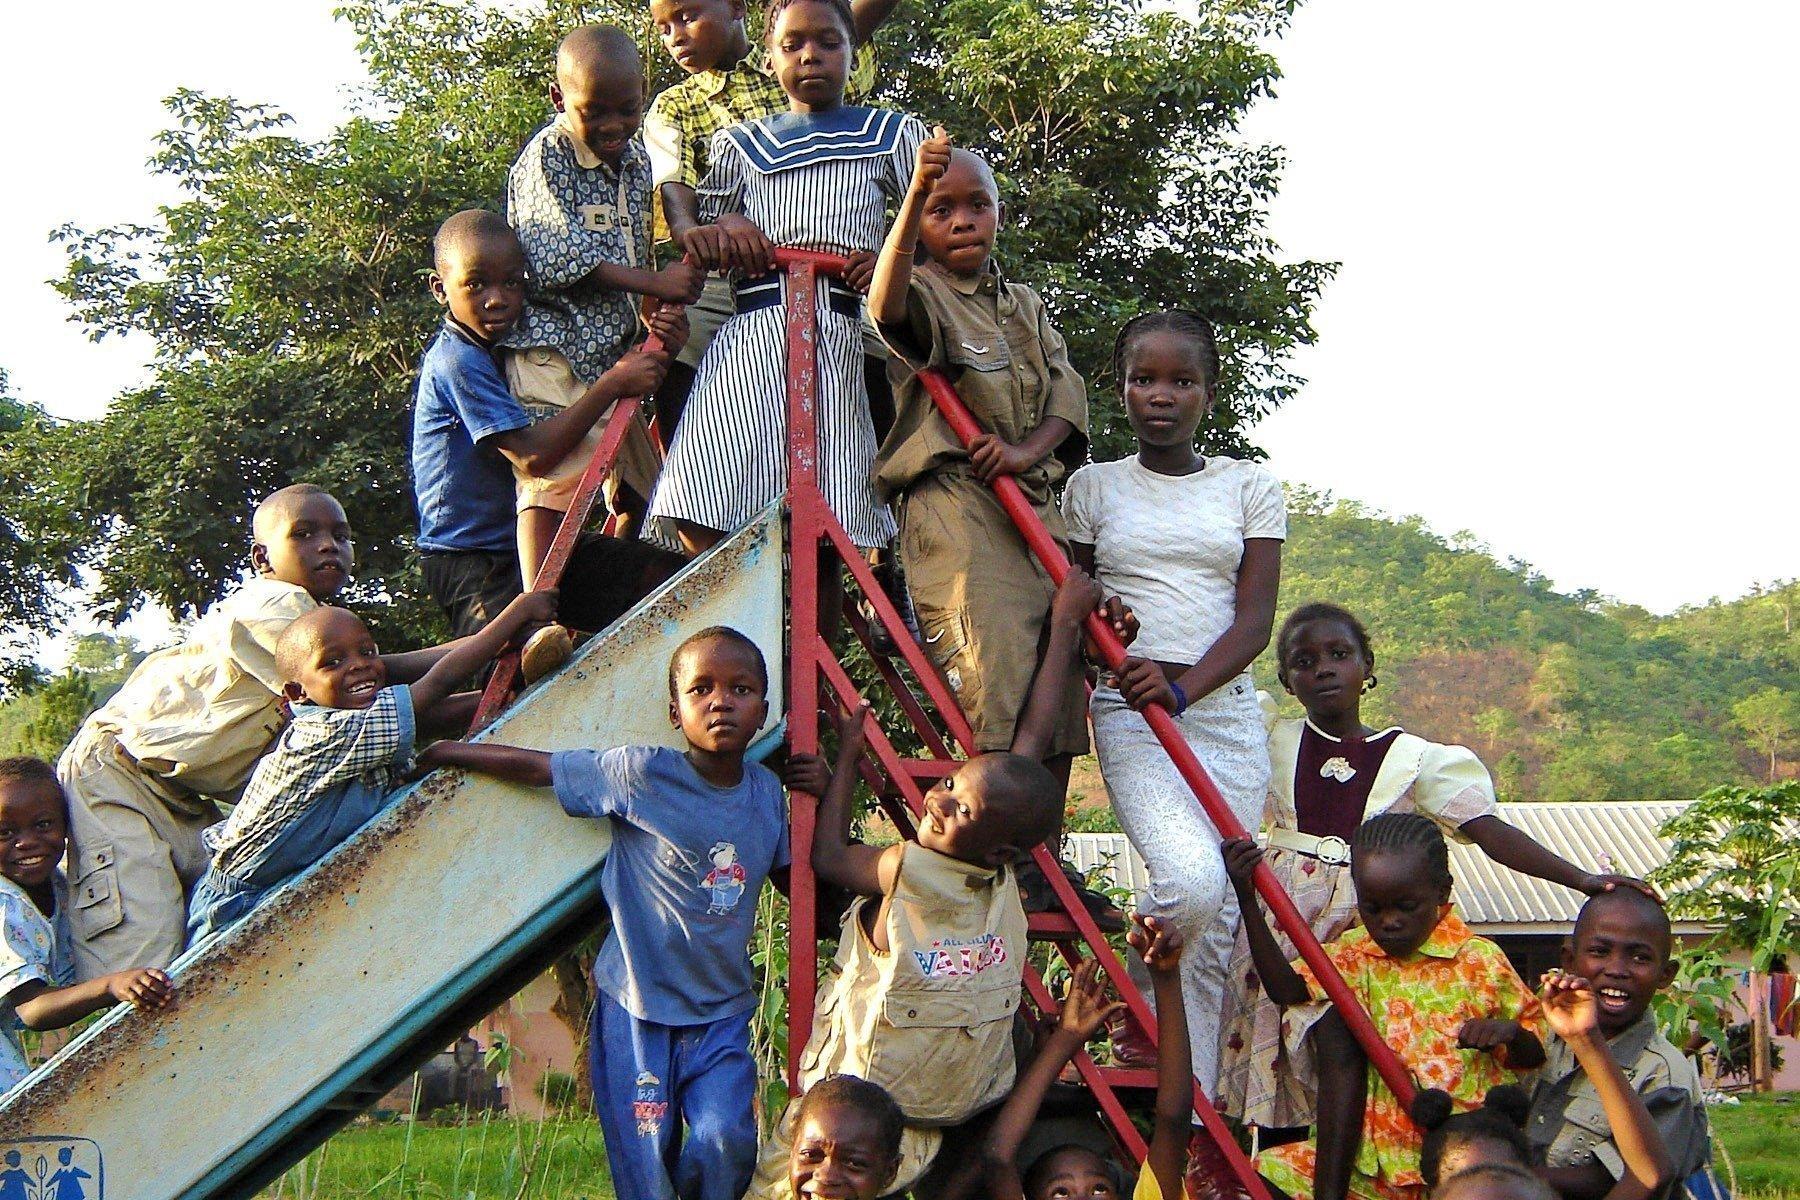 Gruppe von afrikanischen Kindern auf einer Rutsche.